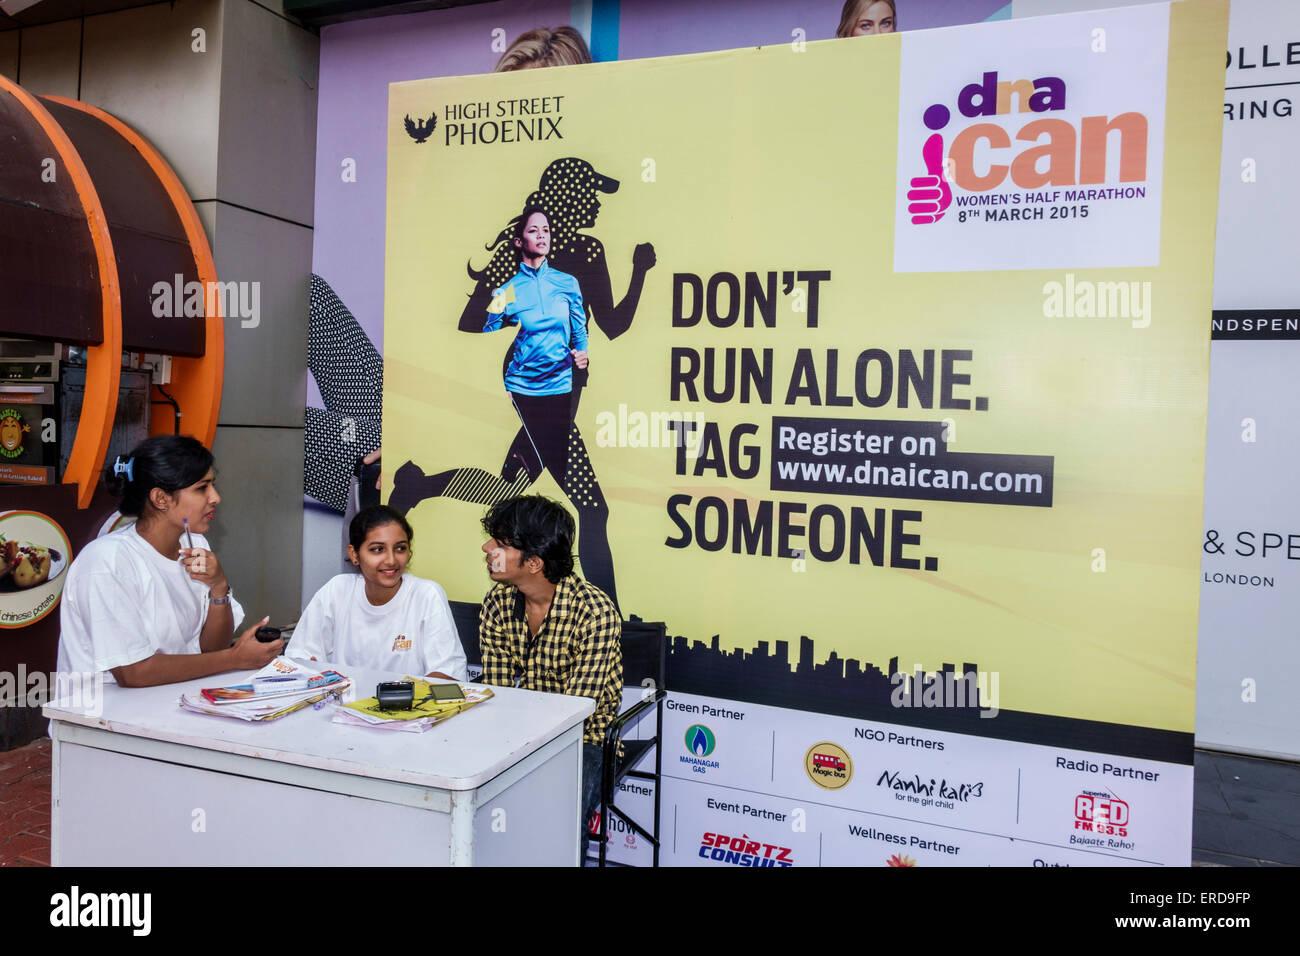 Mumbai India Asian Lower Parel High Street Phoenix mall shopping donne della mezza maratona banco informazioni iscriviti Immagini Stock